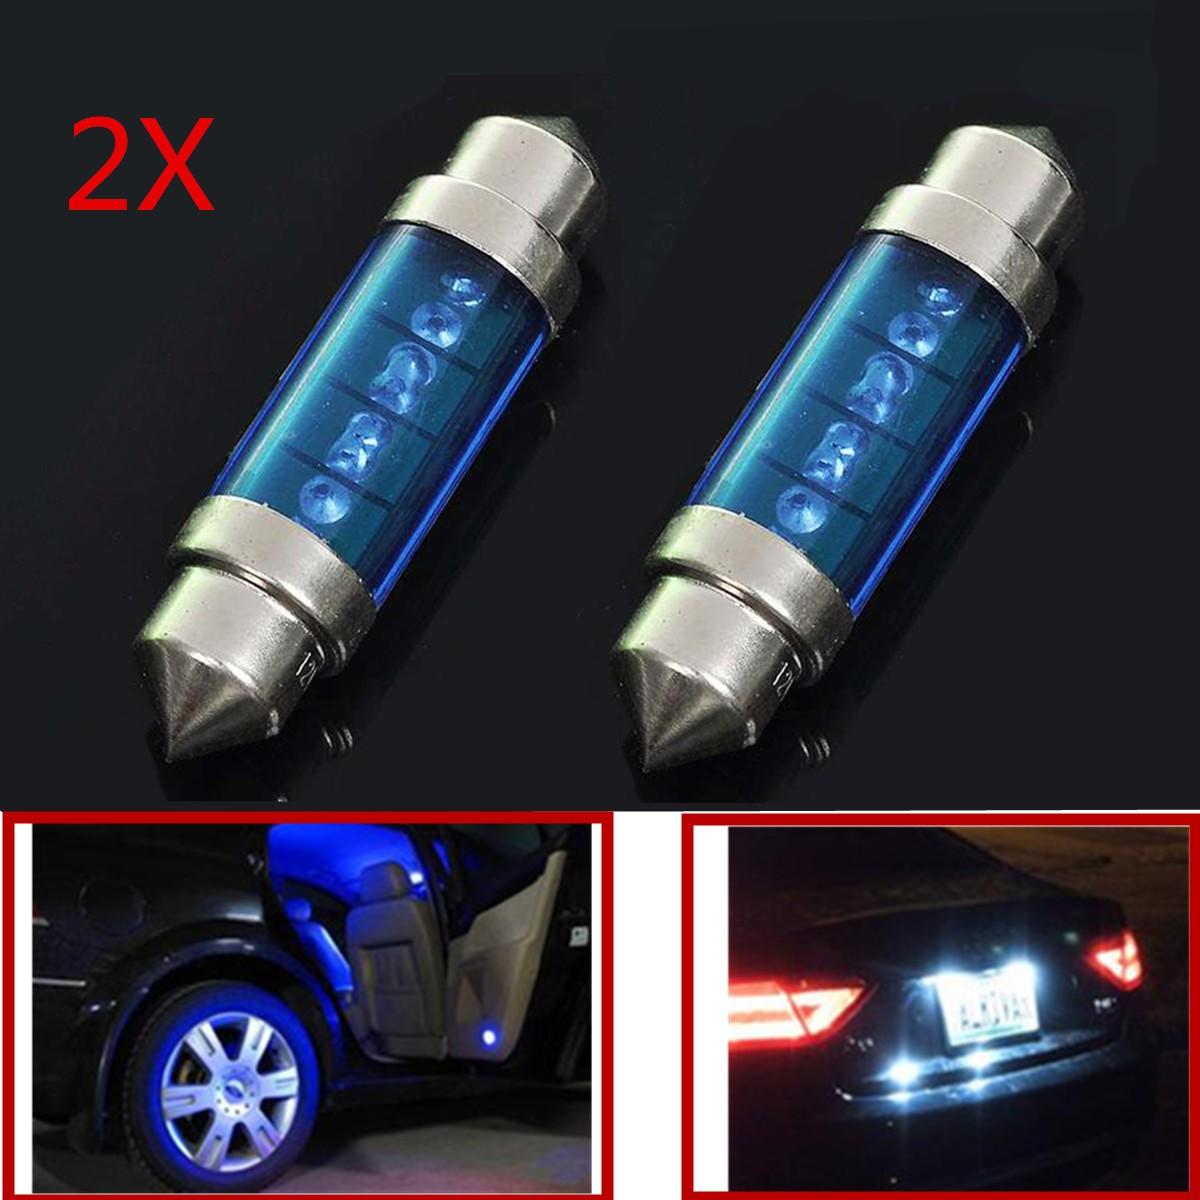 led c5w voiture auto int rieur d me bulb light lampe ampoule bleu 39mm 12v intl lazada singapore. Black Bedroom Furniture Sets. Home Design Ideas